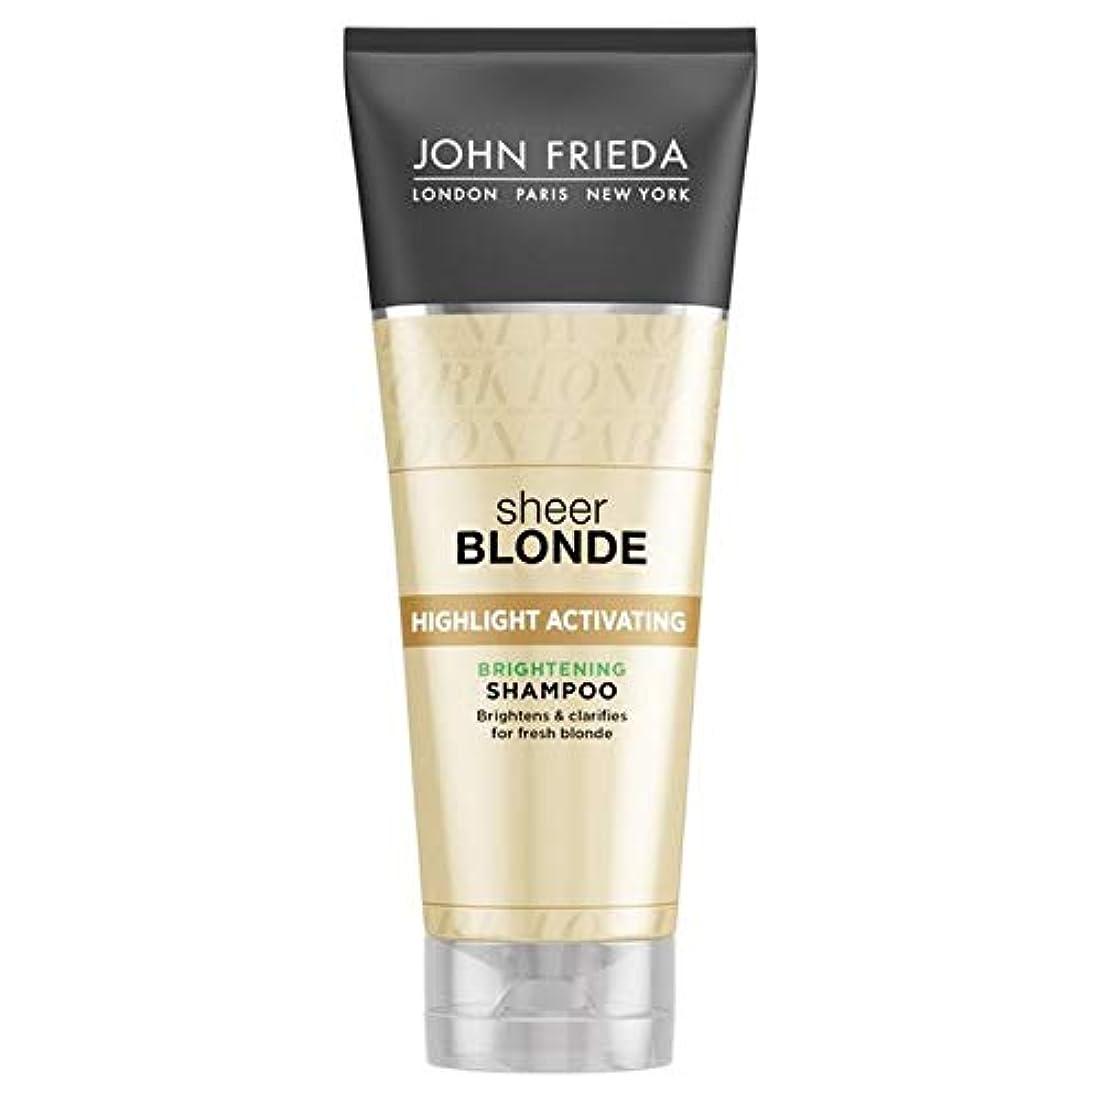 ランク強調ウール[John Frieda ] シャンプー膨大なブロンド250ミリリットルを明るく活性化ジョン?フリーダハイライト - John Frieda Highlight Activating Brightening Shampoo Sheer Blonde 250ml [並行輸入品]